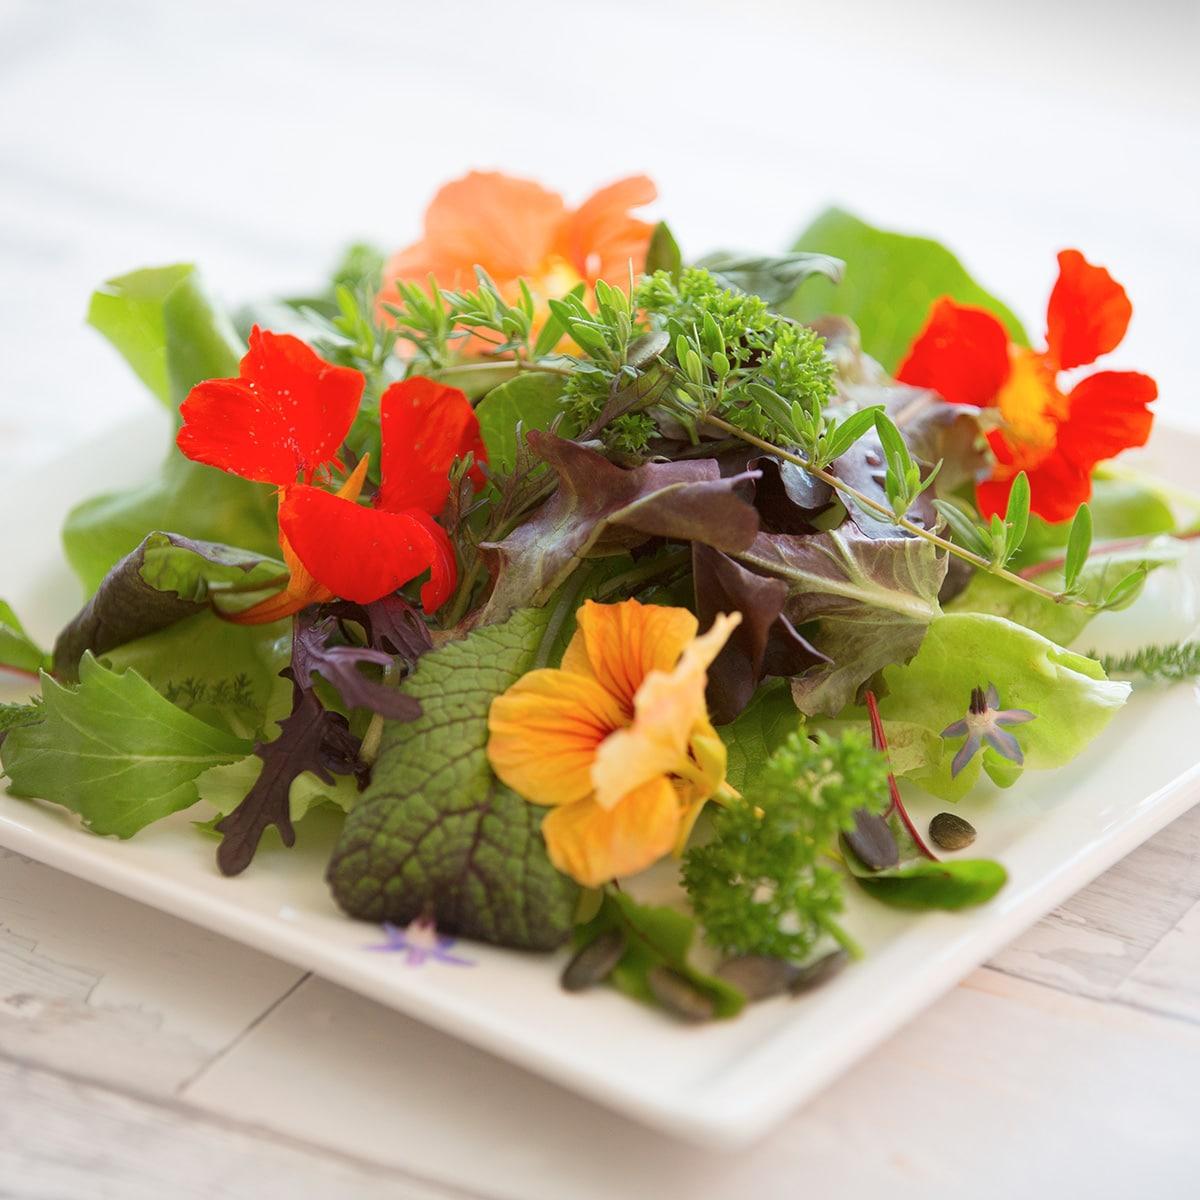 Die richtige Ernährung als Basis der Gesundheit